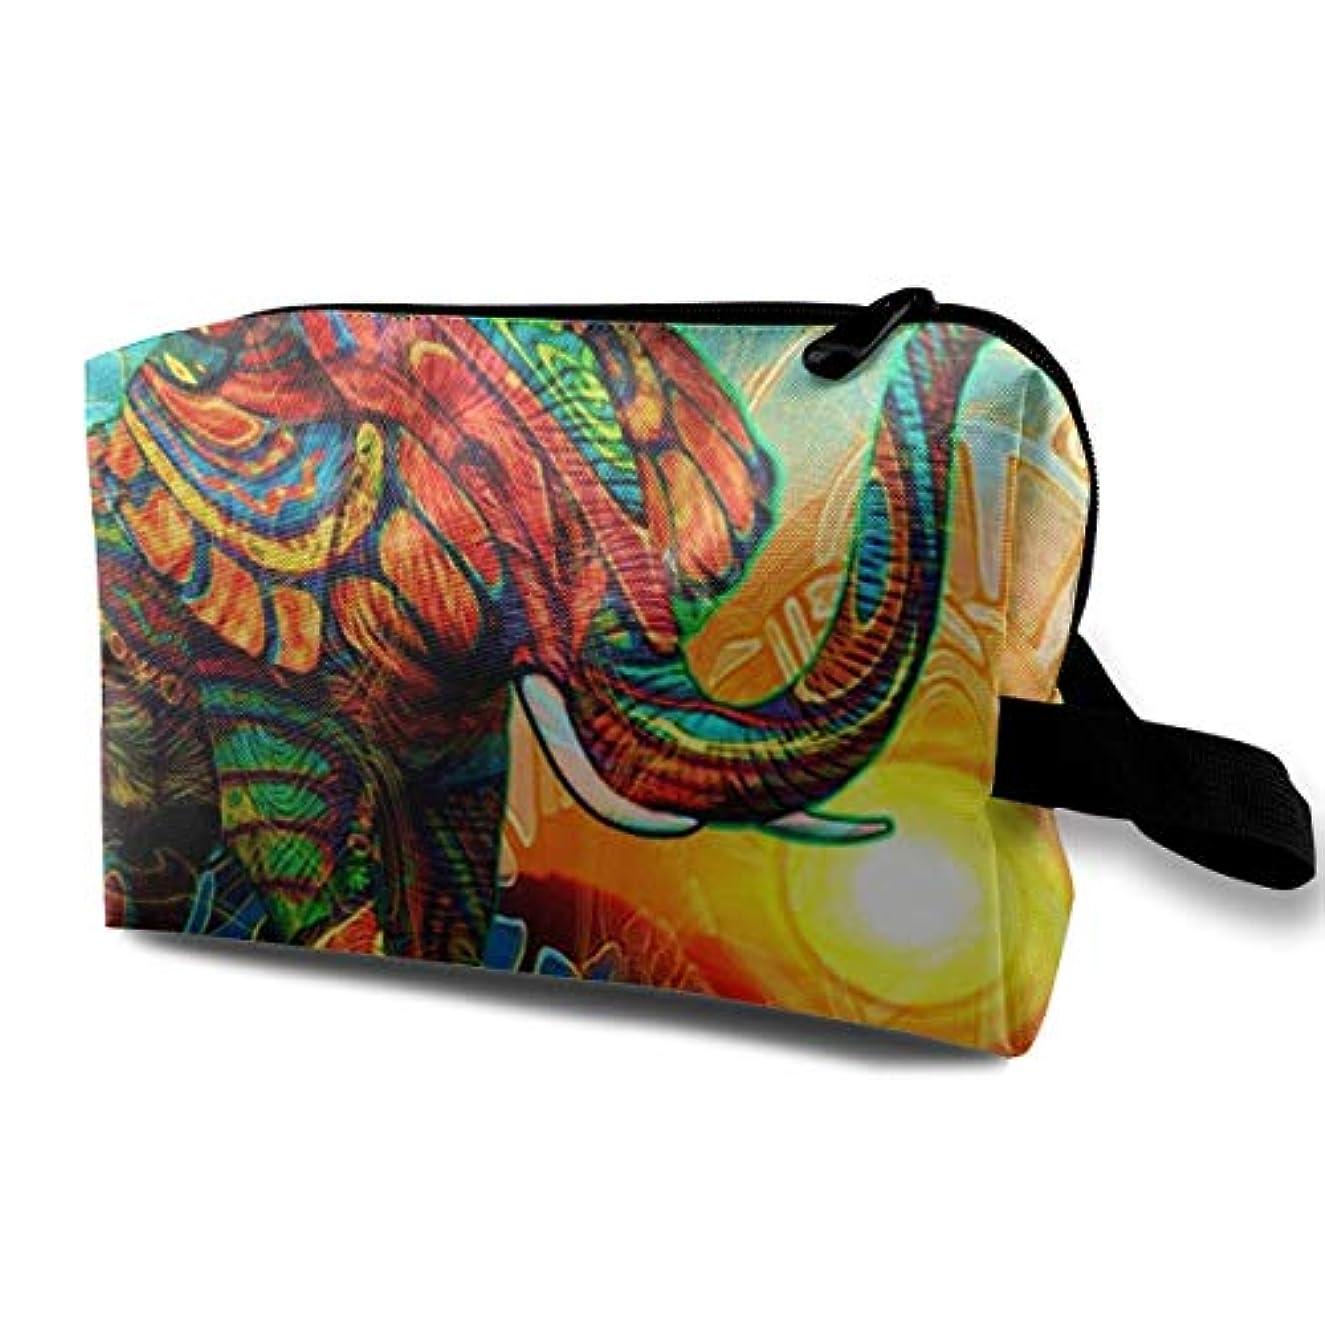 温度計鎮静剤推定するCool Design Colorful Elephant 収納ポーチ 化粧ポーチ 大容量 軽量 耐久性 ハンドル付持ち運び便利。入れ 自宅?出張?旅行?アウトドア撮影などに対応。メンズ レディース トラベルグッズ